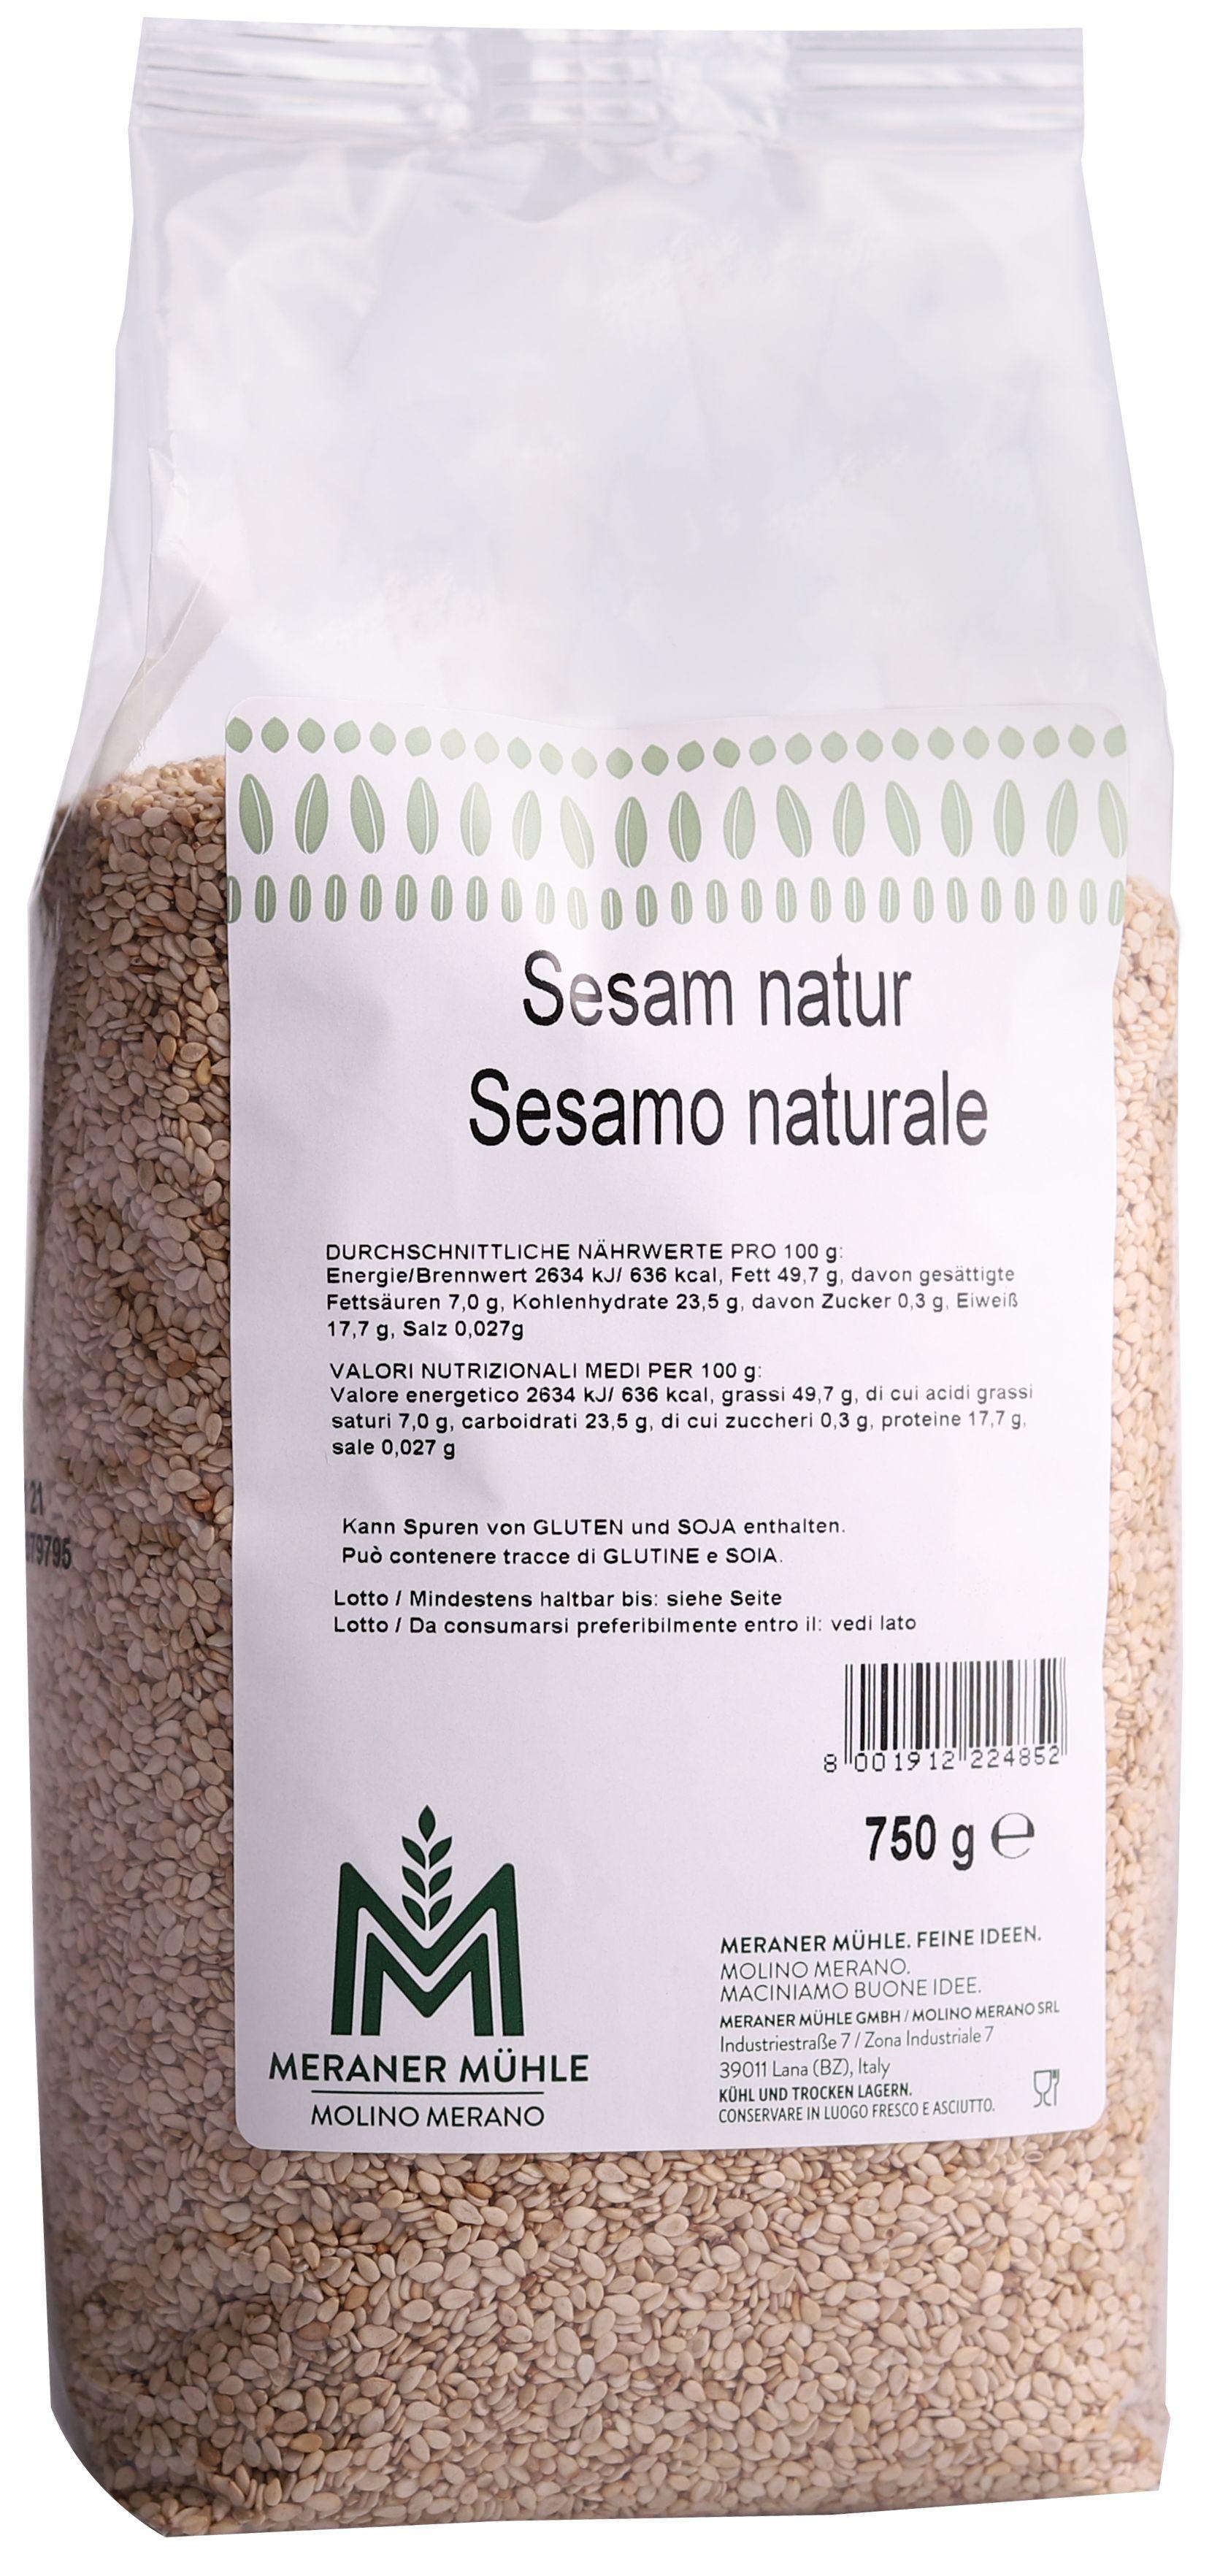 Sesam natur